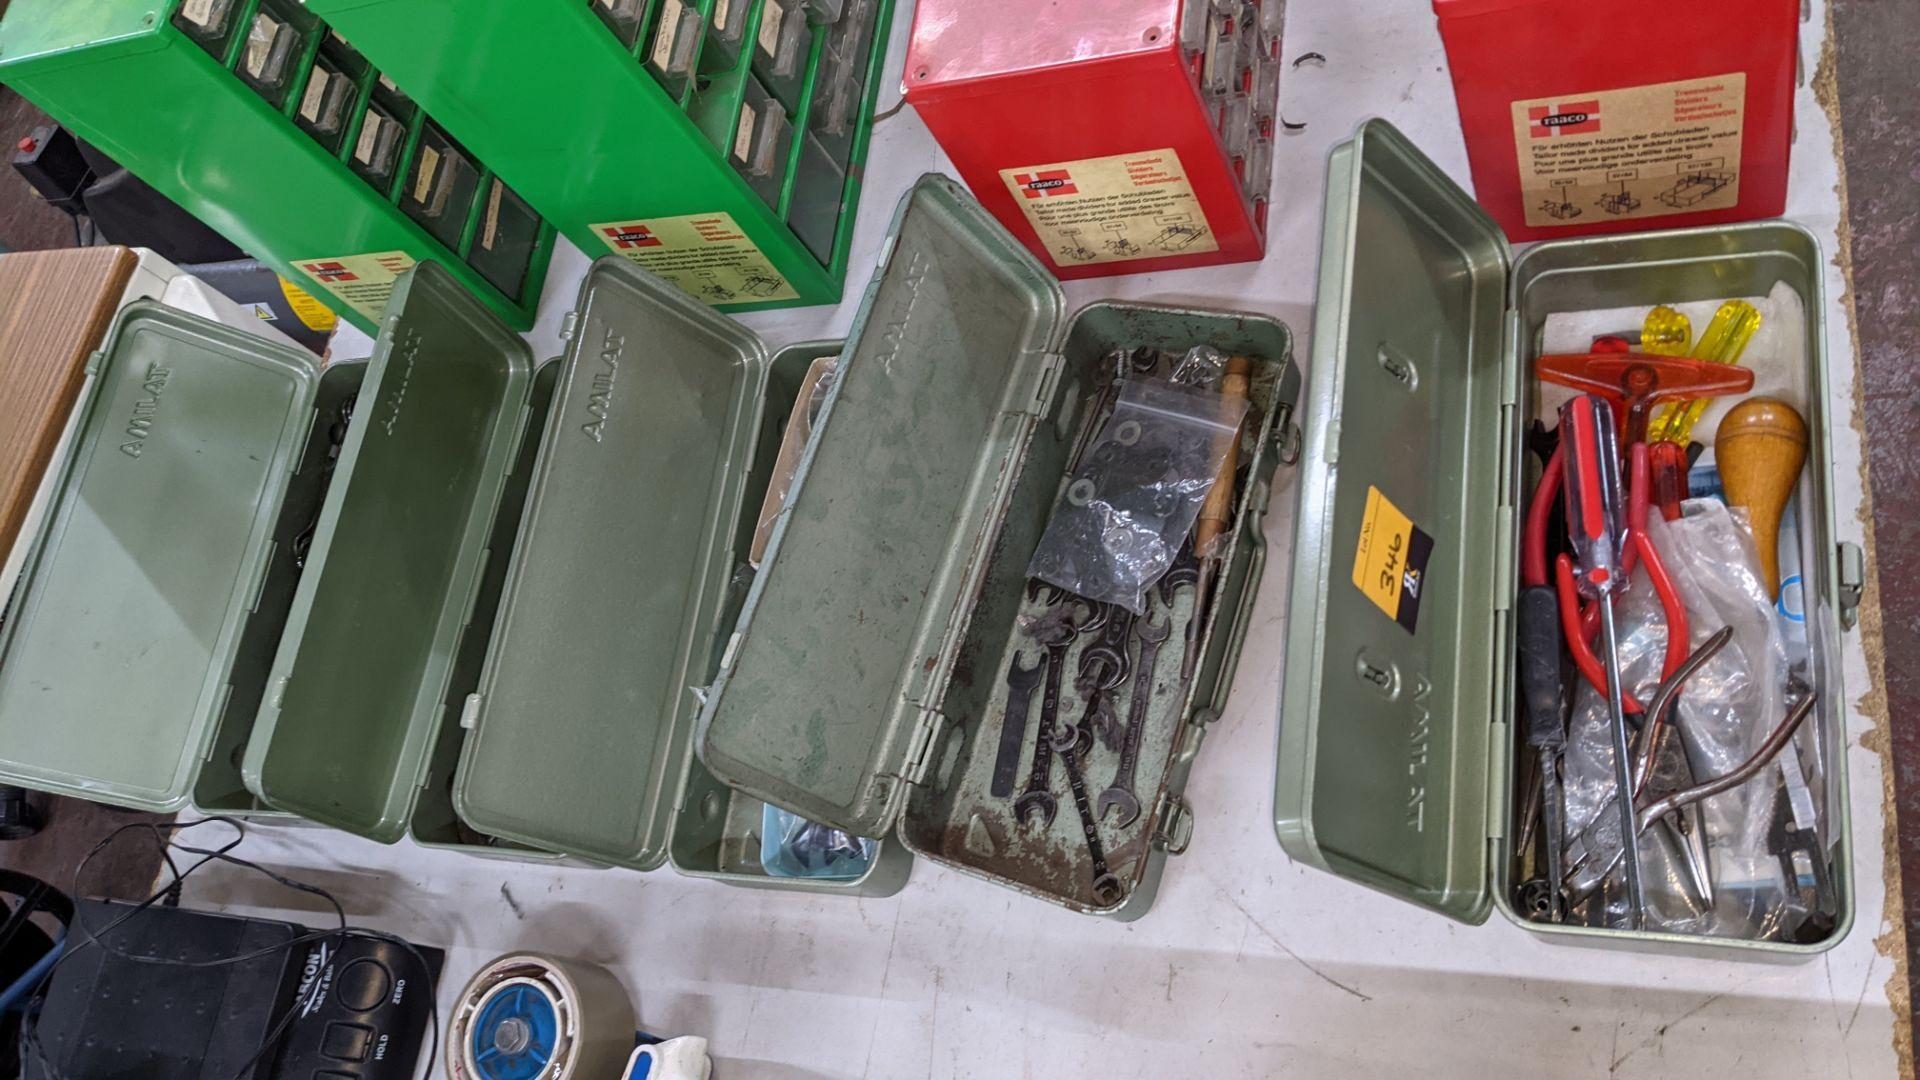 5 off Tajima tool kits & their contents